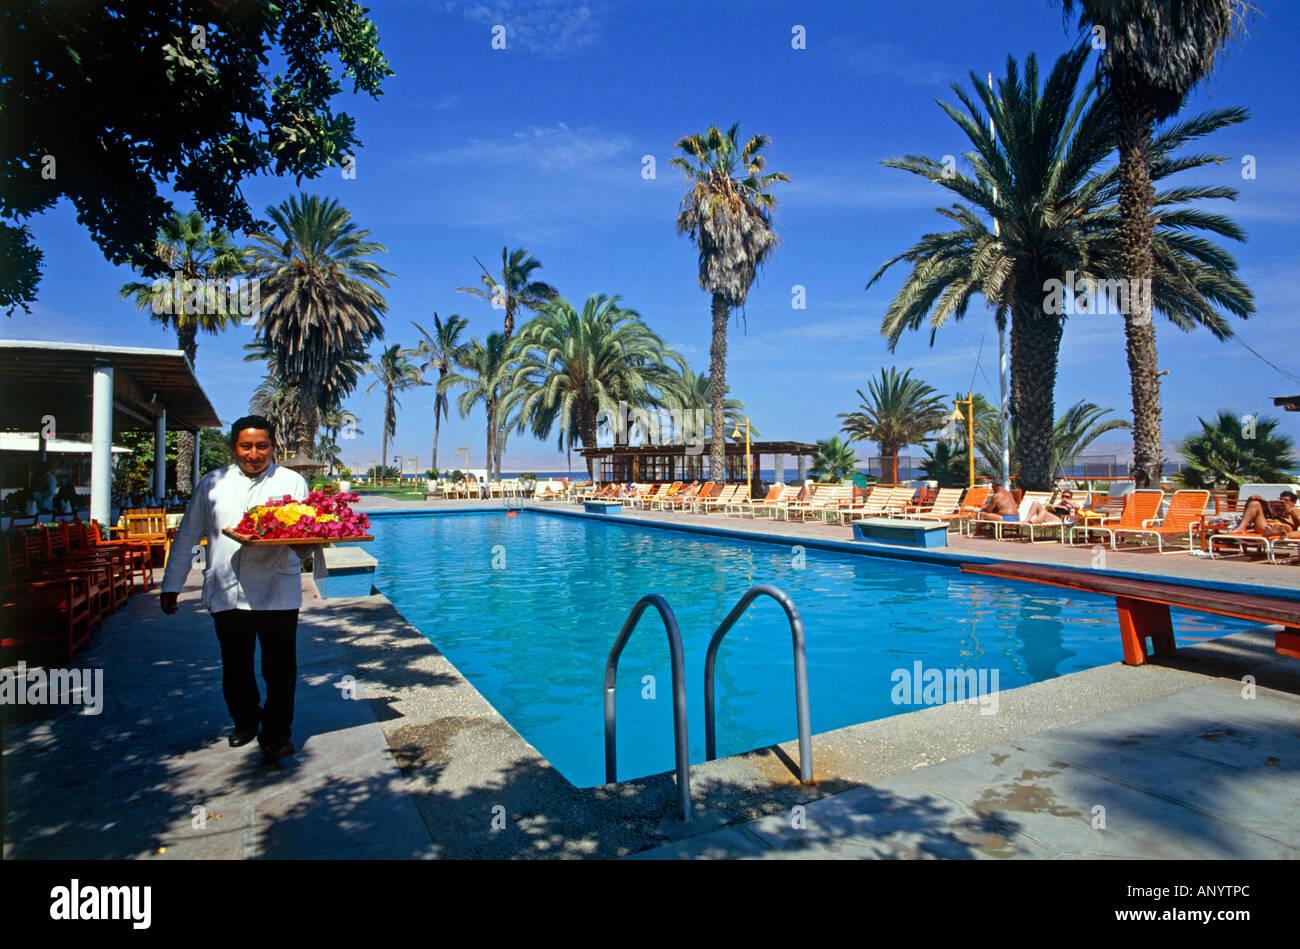 Schwimmbad von Paracas Hotel Paracas Halbinsel nahe der Stadt Pisco Peru redaktionellen Gebrauch Stockbild